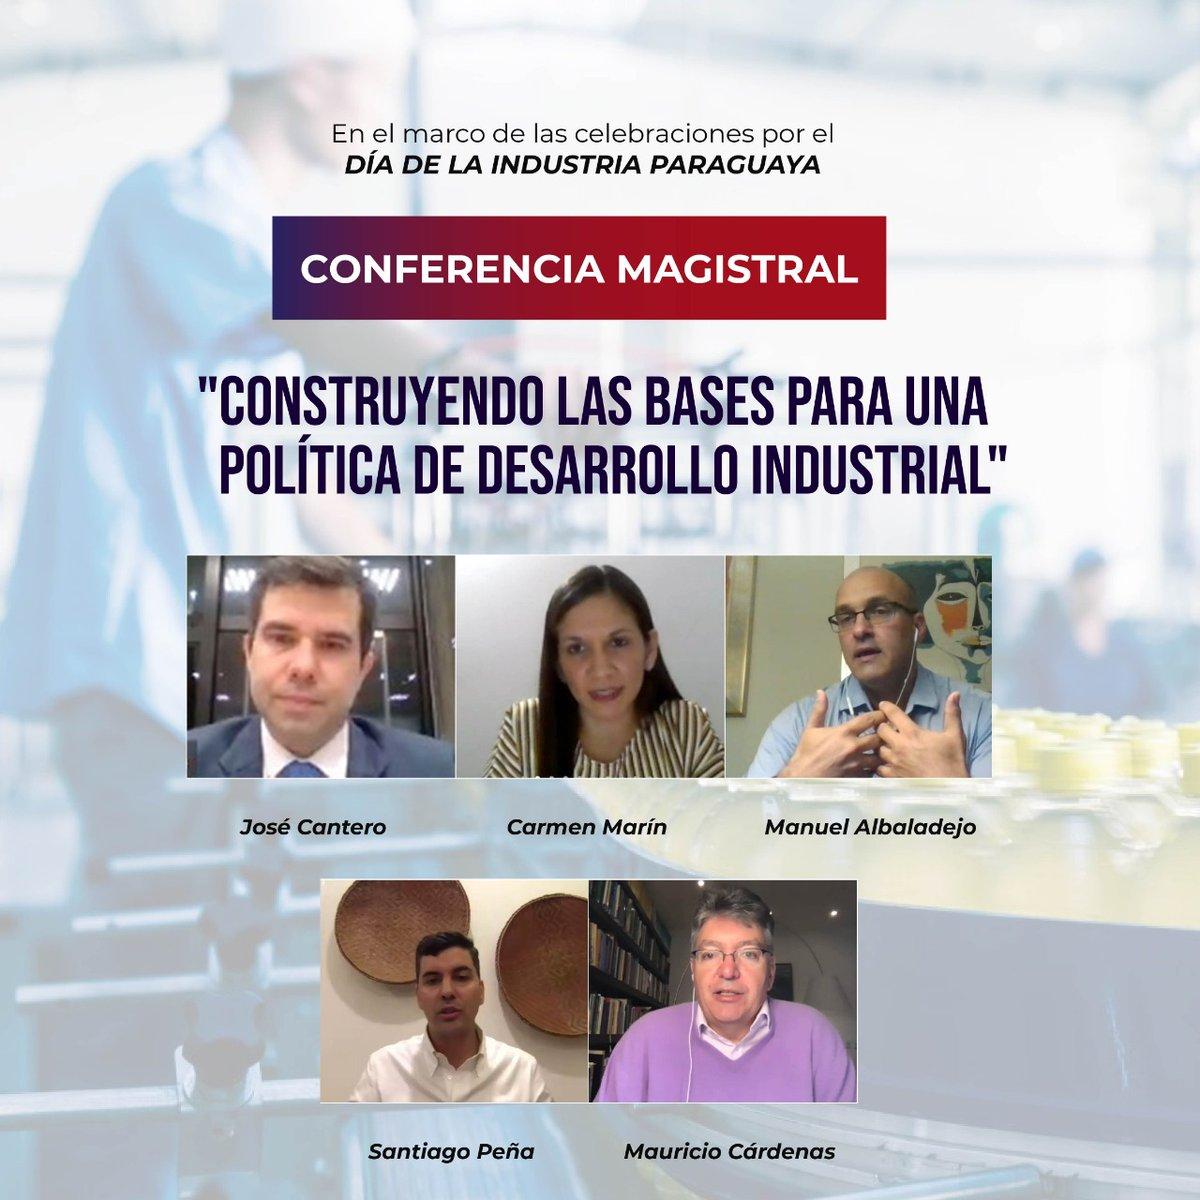 """Gracias a todos por participar y ser parte de la #ConferenciaMagistral """"Construyendo las bases para una política de desarrollo industrial"""" 🙌⚙️  Fue una ocasión muy oportuna para sentar las bases del diseño de una política industrial que el Paraguay tanto necesita 📣🇵🇾 https://t.co/PpLdQClWk1"""